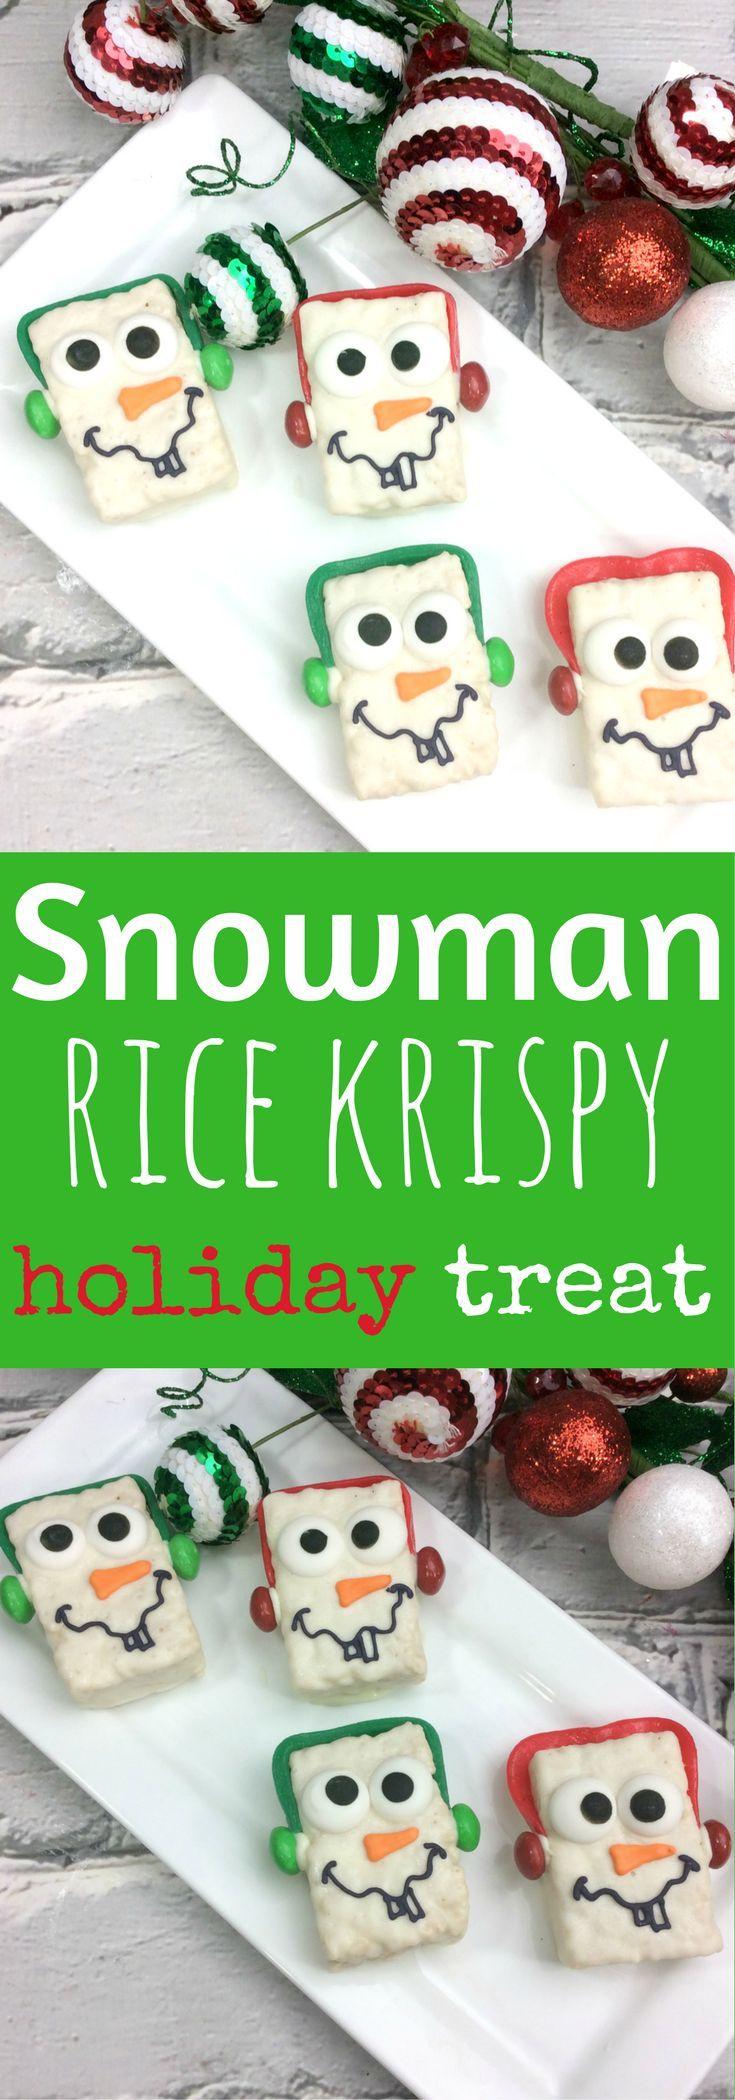 Snowman Rice Krispy Treat- Easy Holiday recipes for kids- holiday rice krispy treats- christmas recipes for kids- Your kids will love these adorable Snowman Rice Krispy Treats.